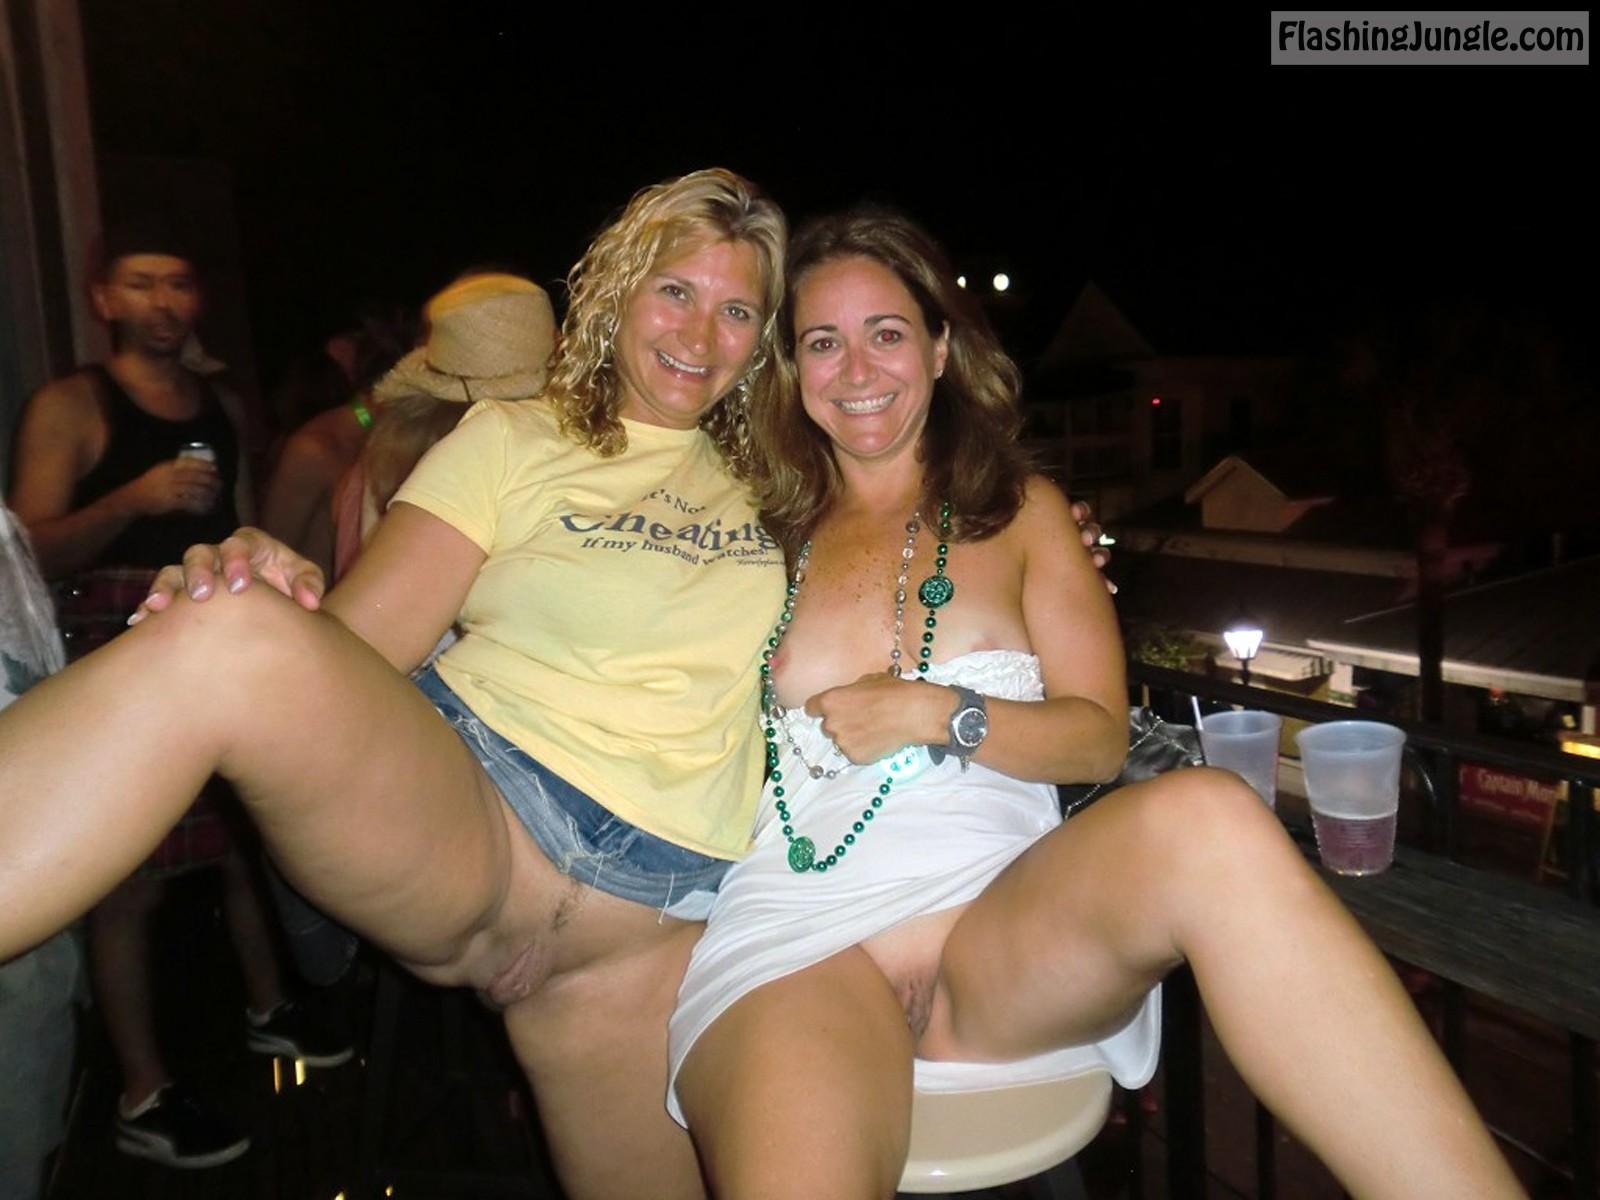 Drunk girls porn photos, sex pictures